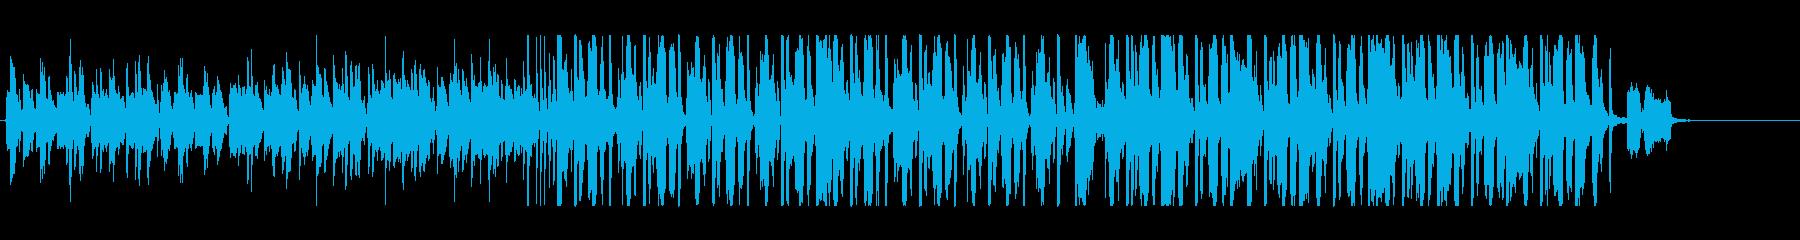 渋い感じの四つ打ちの再生済みの波形